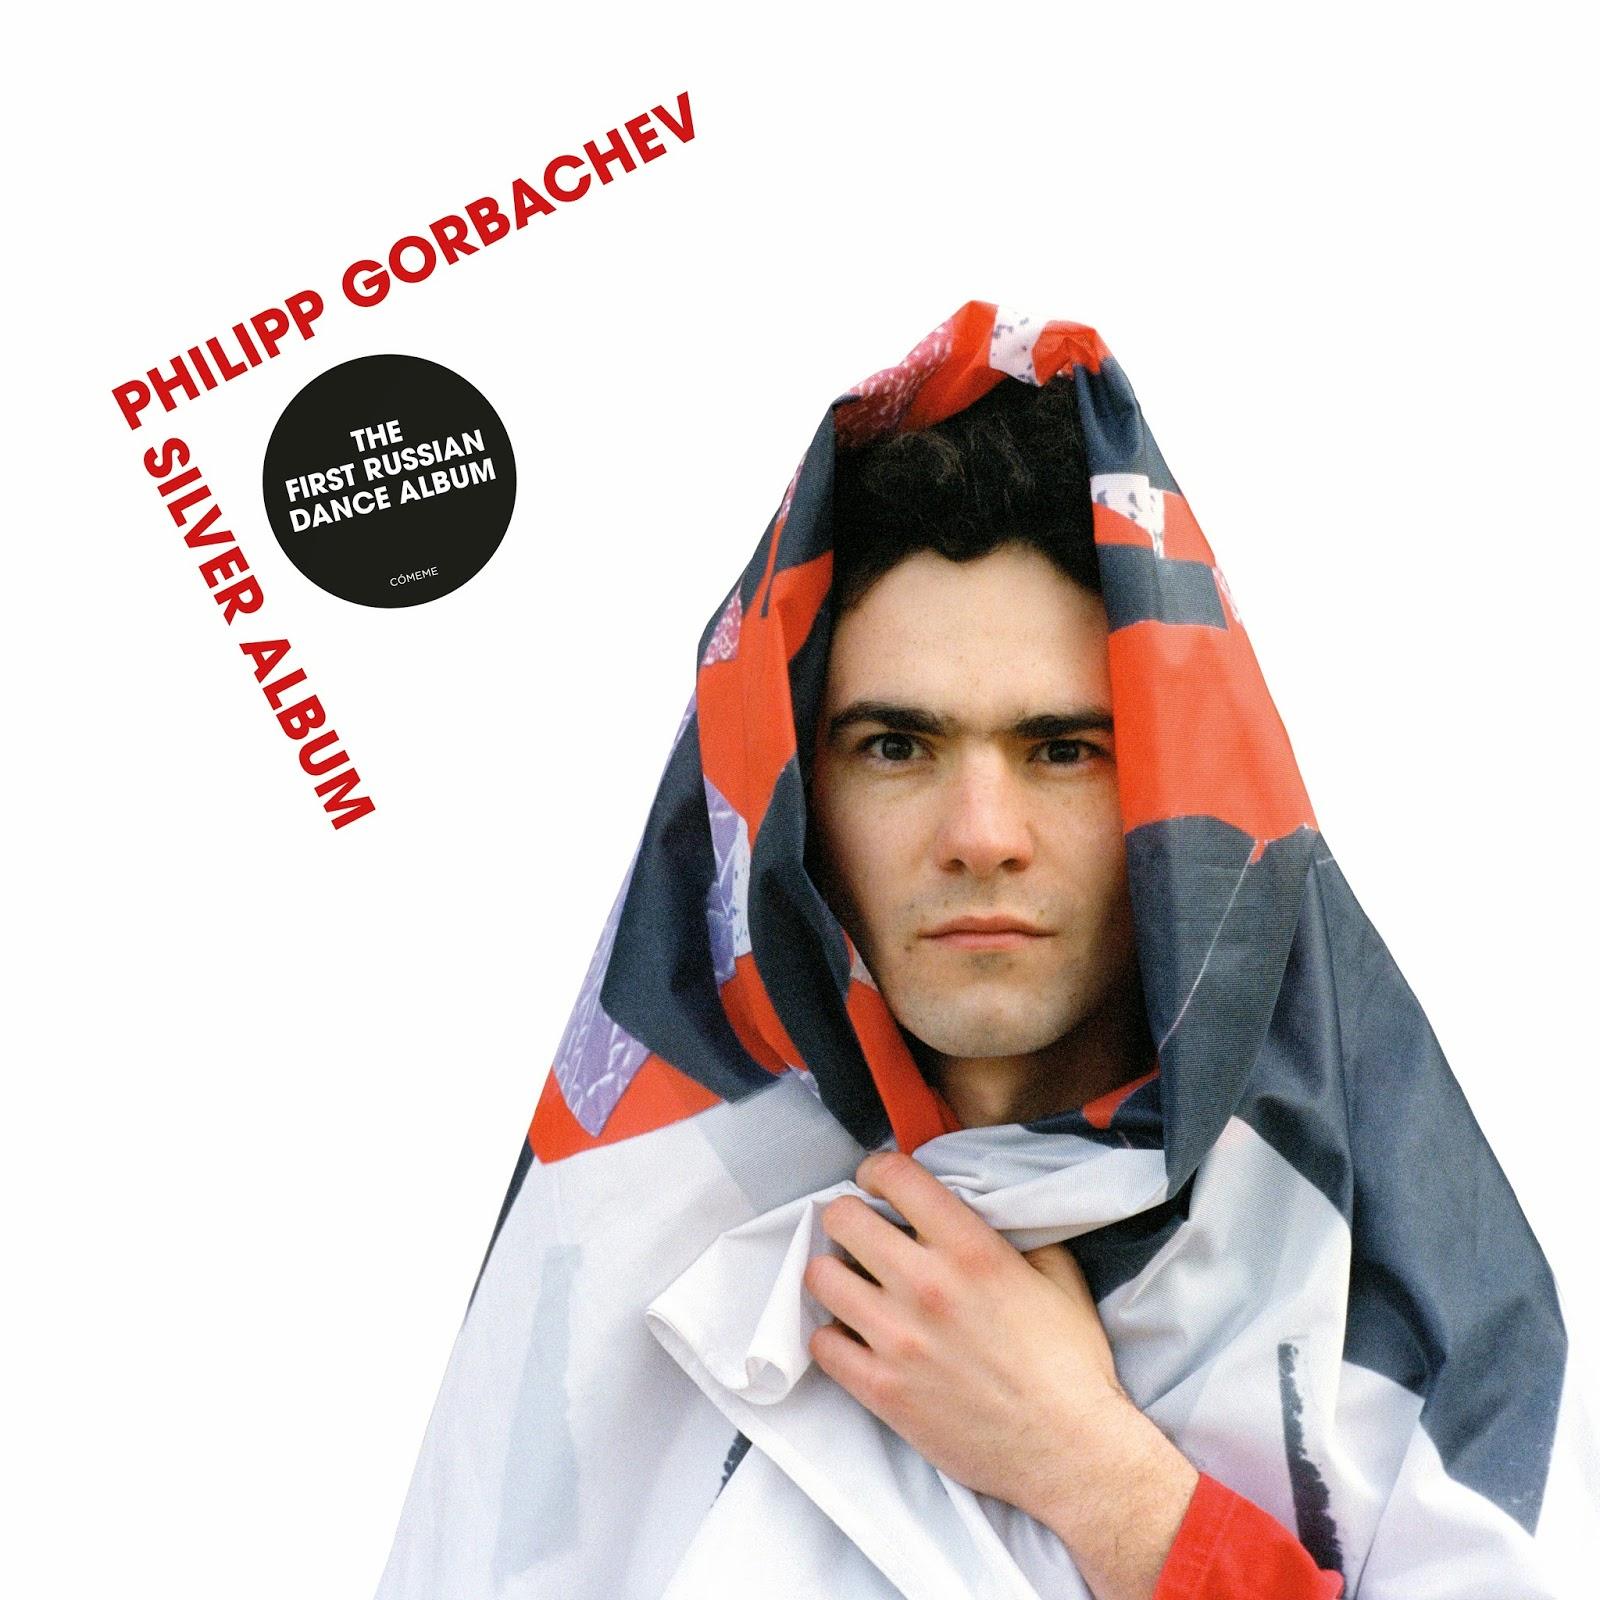 discosafari - PHILIPP GORBACHEV - Silver Album - Cómeme